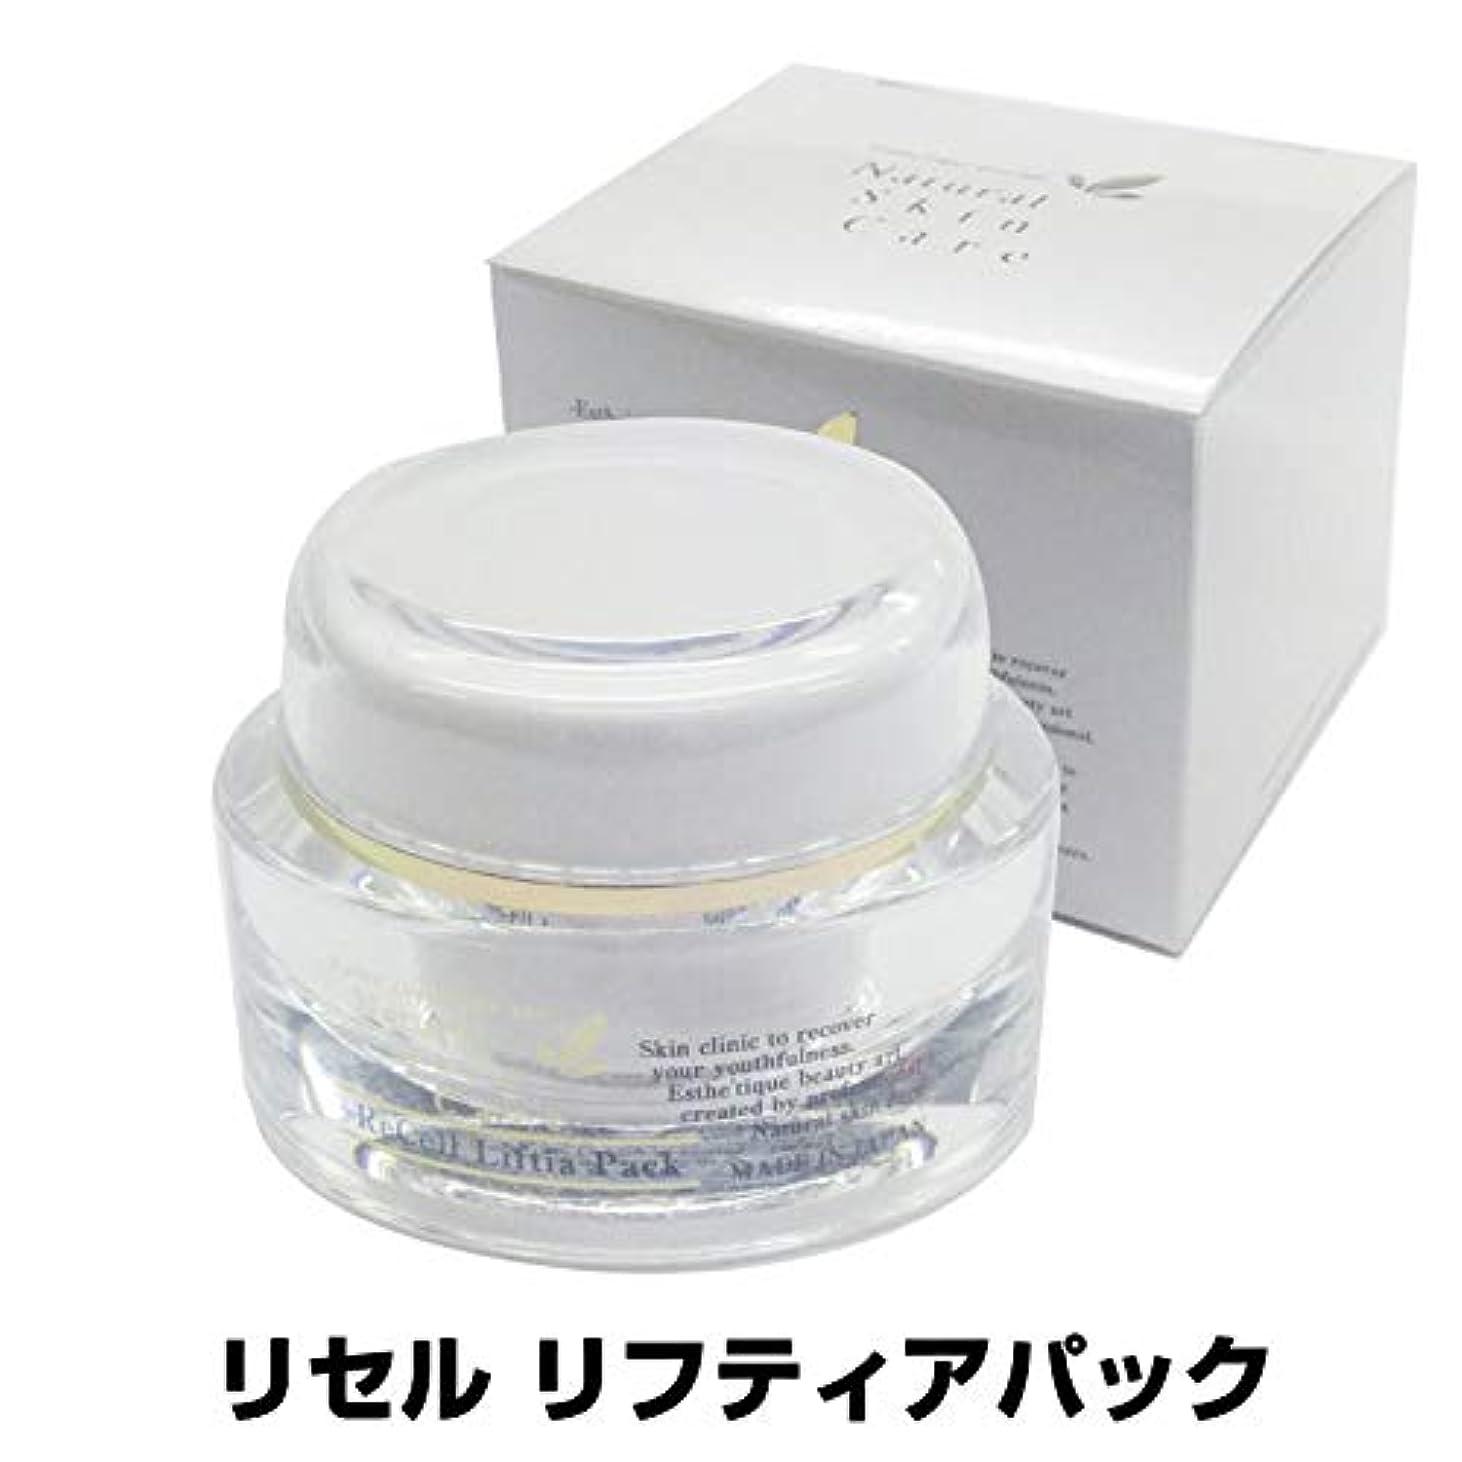 韓国満了免疫する『リセル リフティアパック』頬 まぶた ハリピンカバージェル GENIE ジニー インスタントスムーサー 日本製 フラーレン